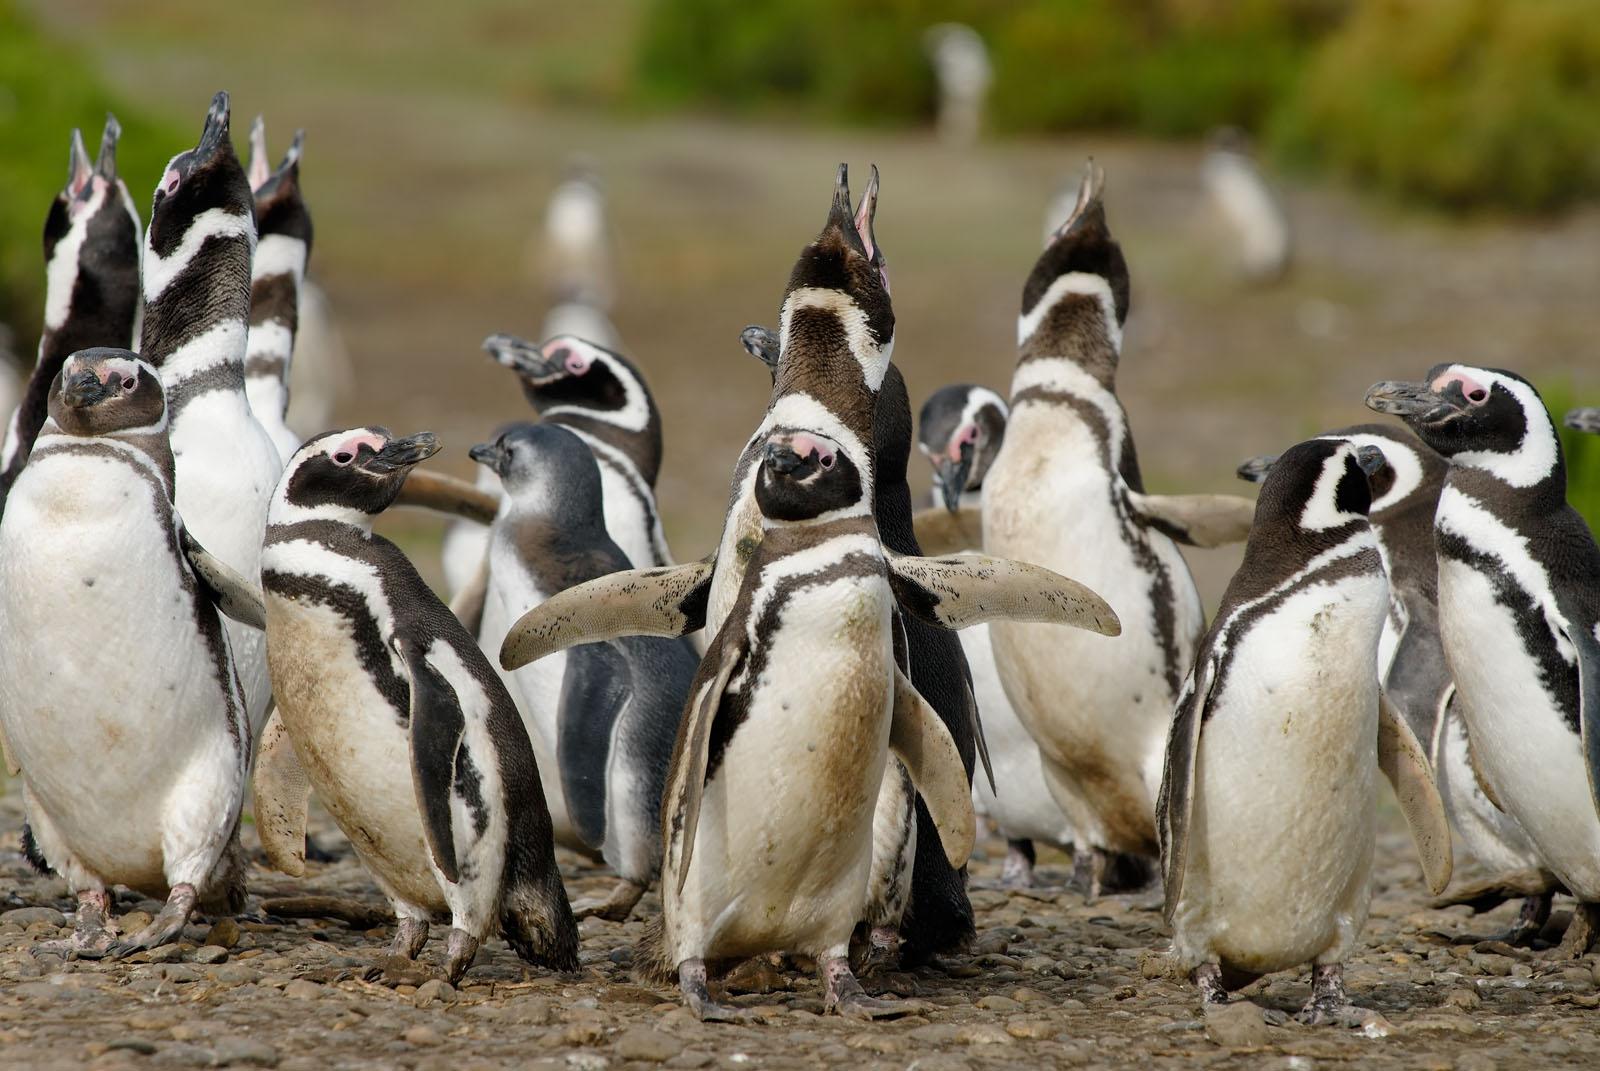 Колония этих пернатых расположена в заповеднике Пунто Томбо. Они приплывают сюда на гнездования. За